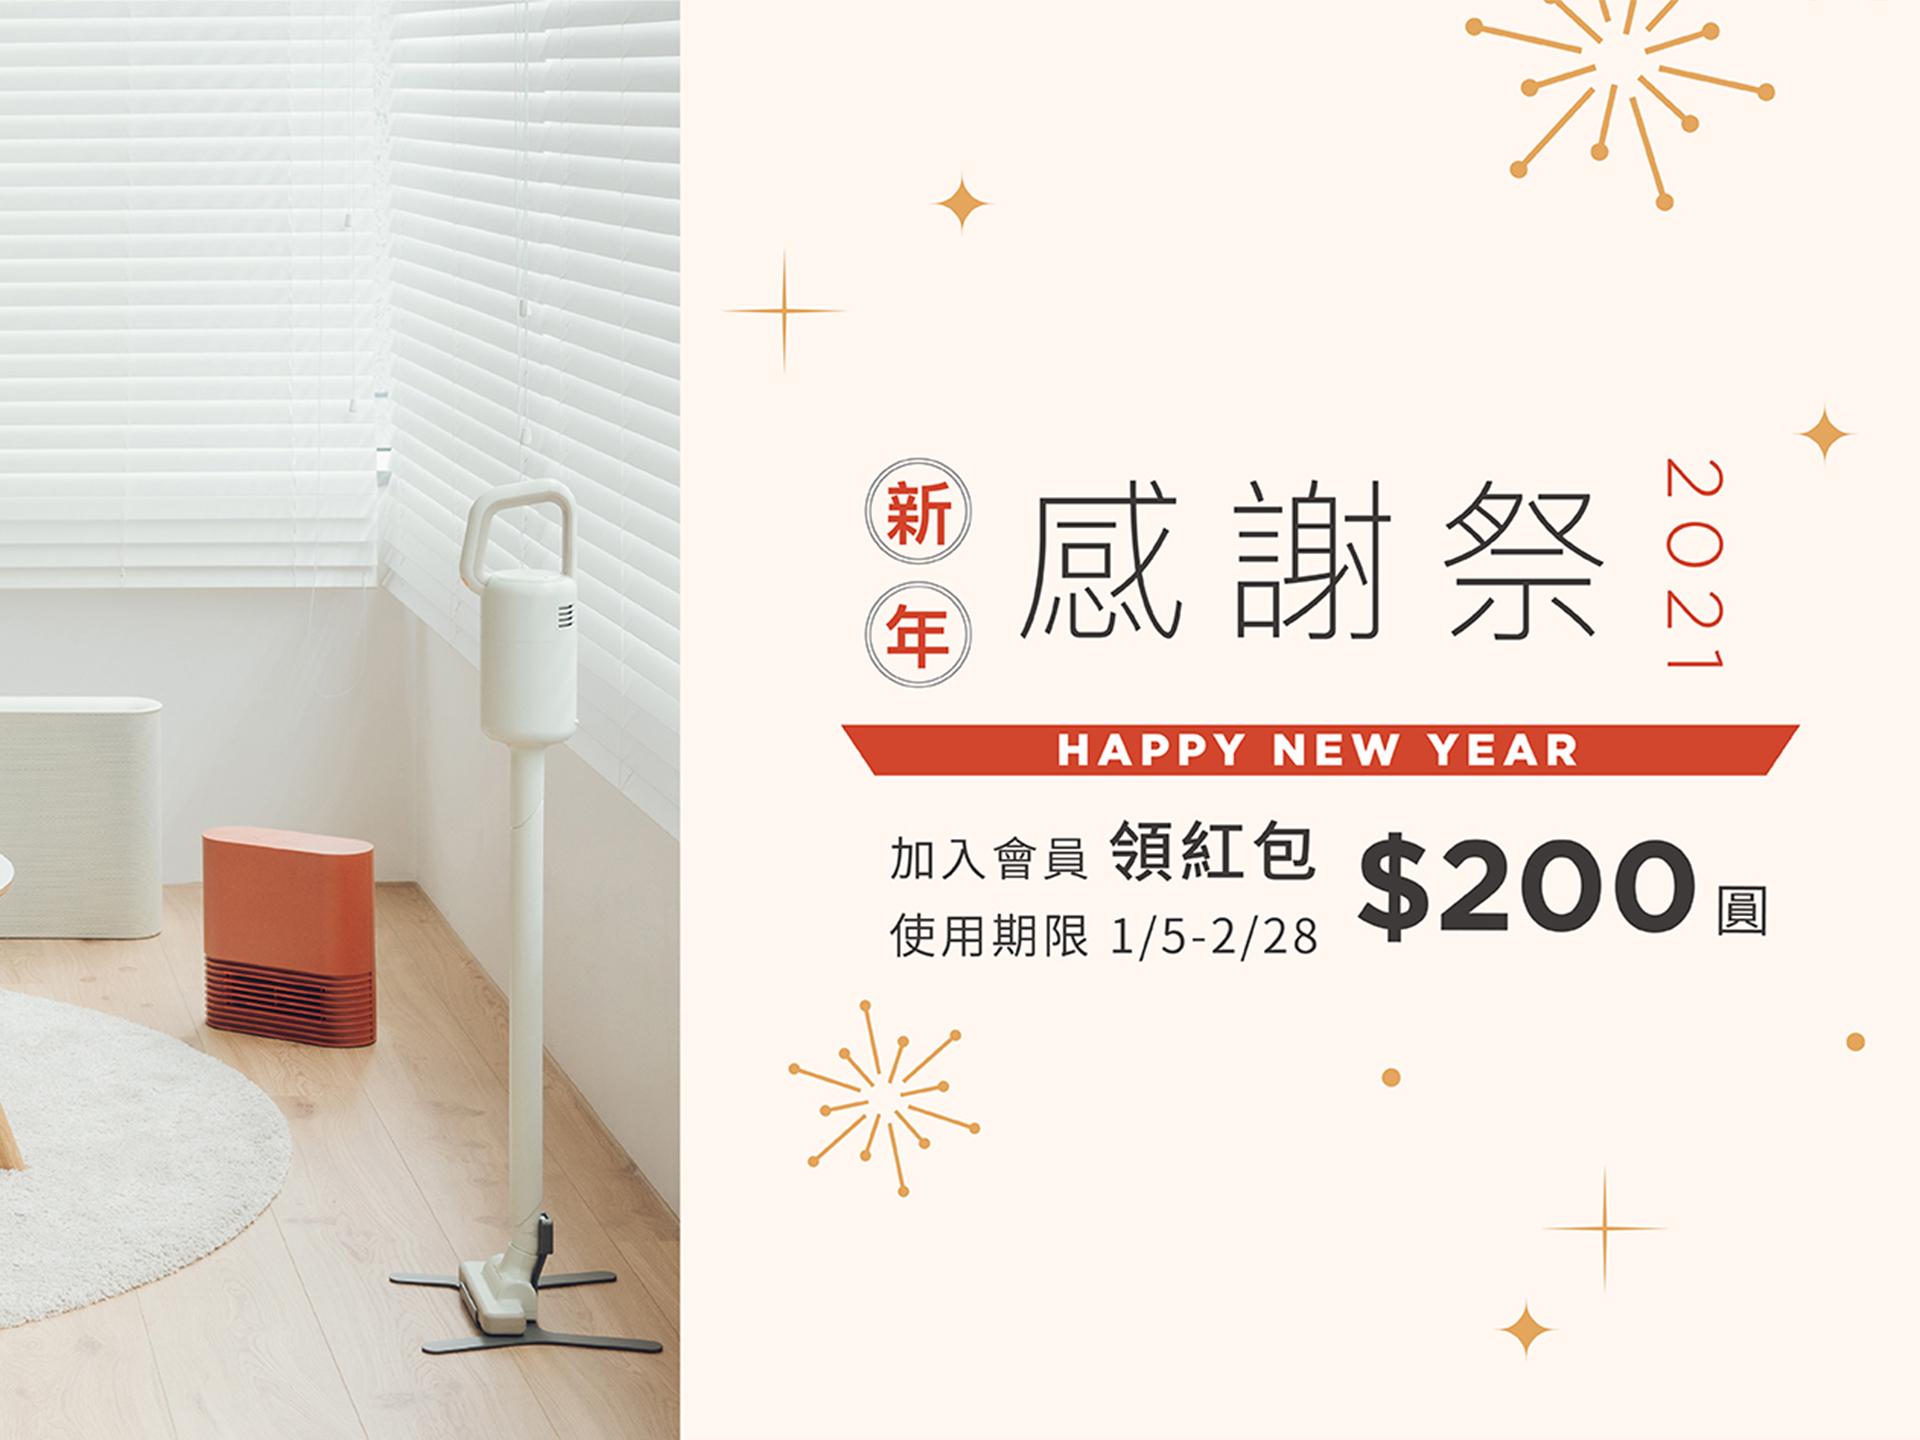 【期間限定】新年感謝祭▸會員獨家送200元購物金!